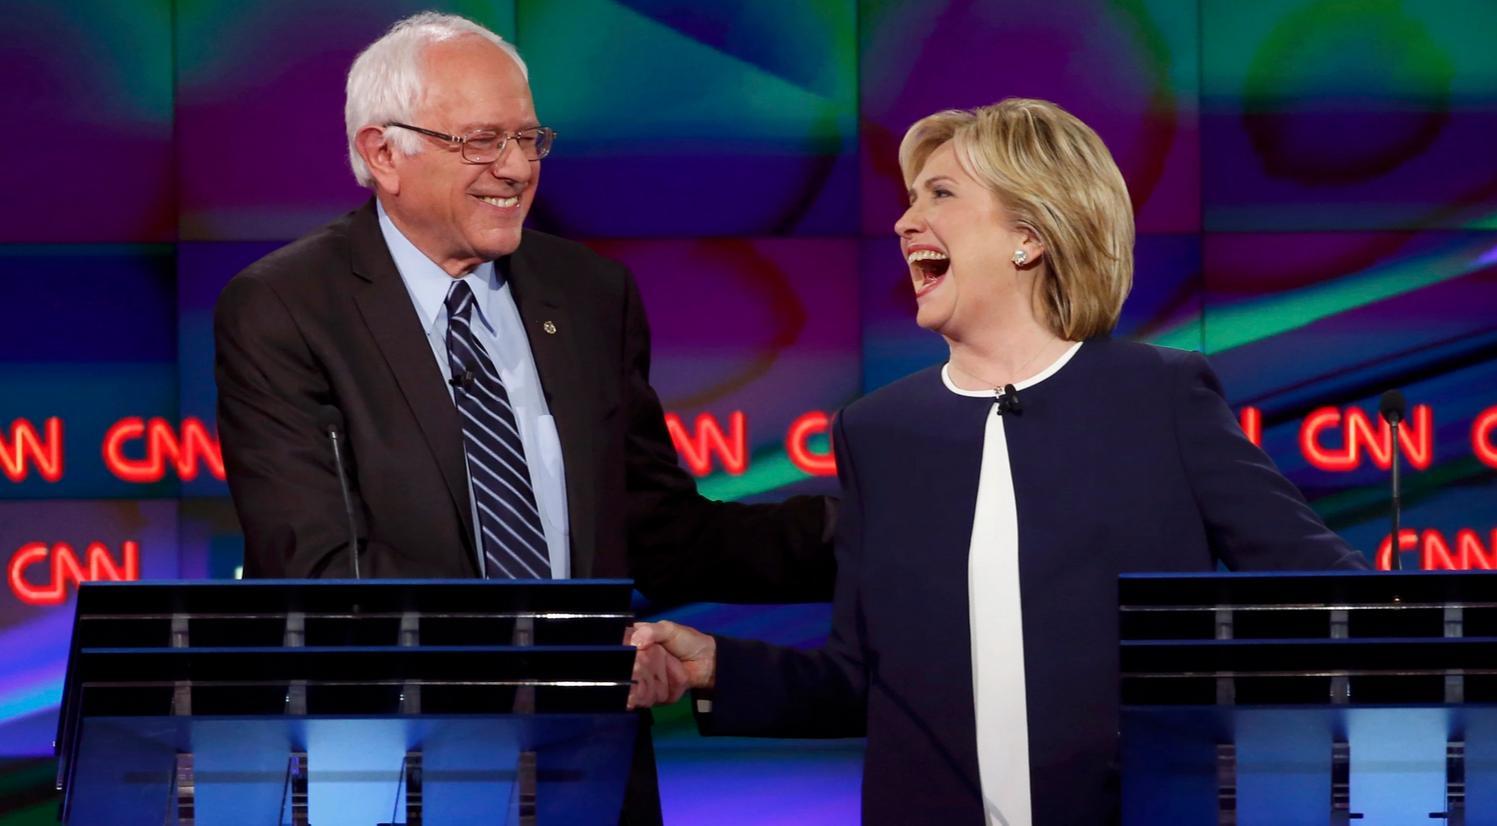 Sanders capituleert voor Clinton. Strijd voor verandering verderzetten met Jill Stein